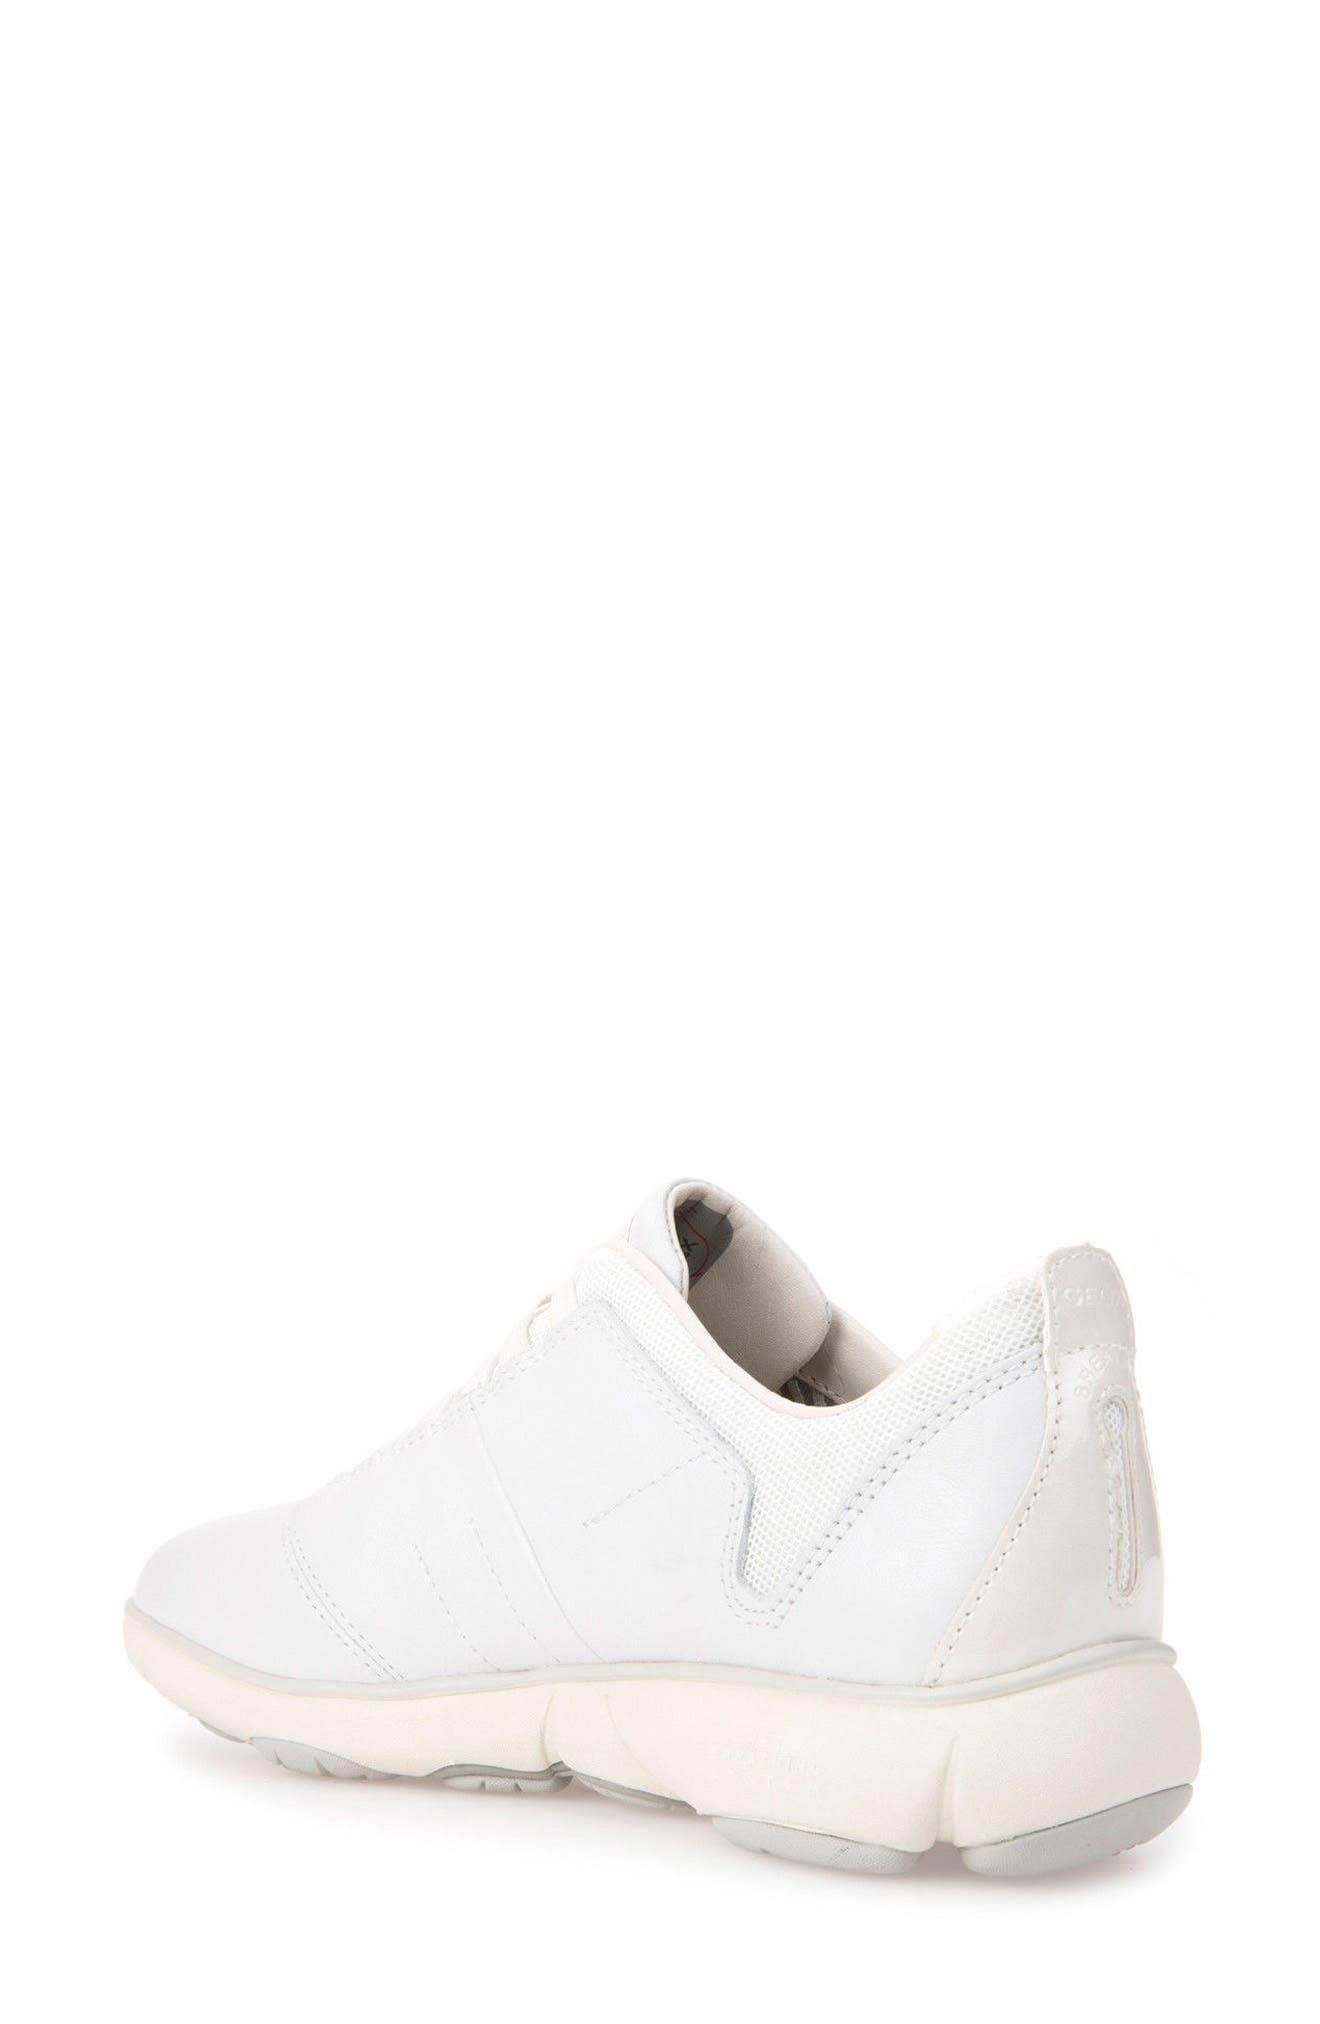 Nebula Slip-On Sneaker,                             Alternate thumbnail 2, color,                             White Leather